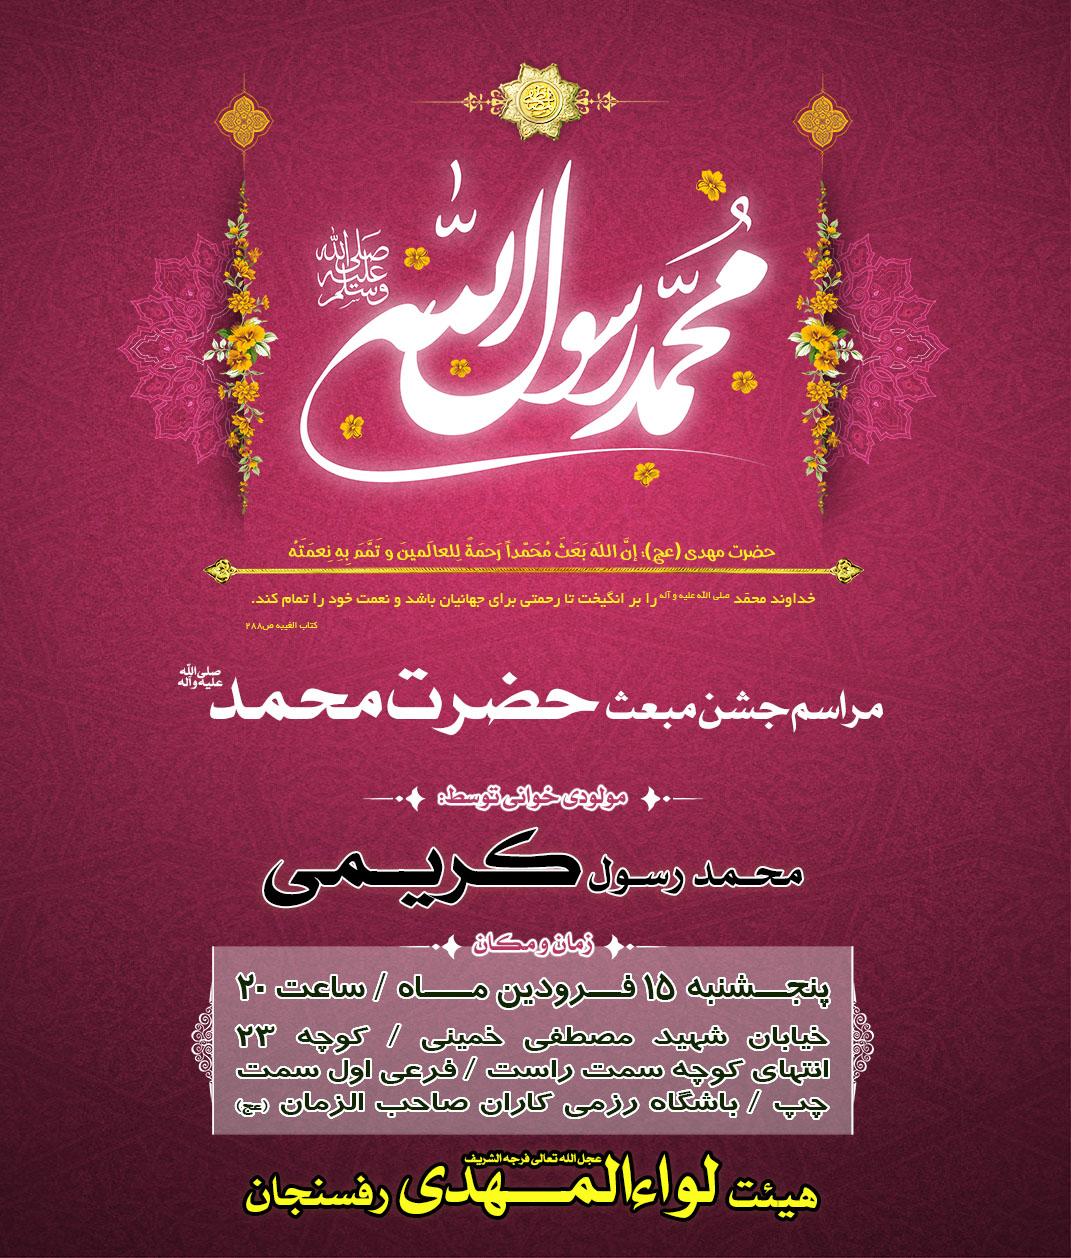 جشن عید مبعث در لواءالمهدی (عج) رفسنجان